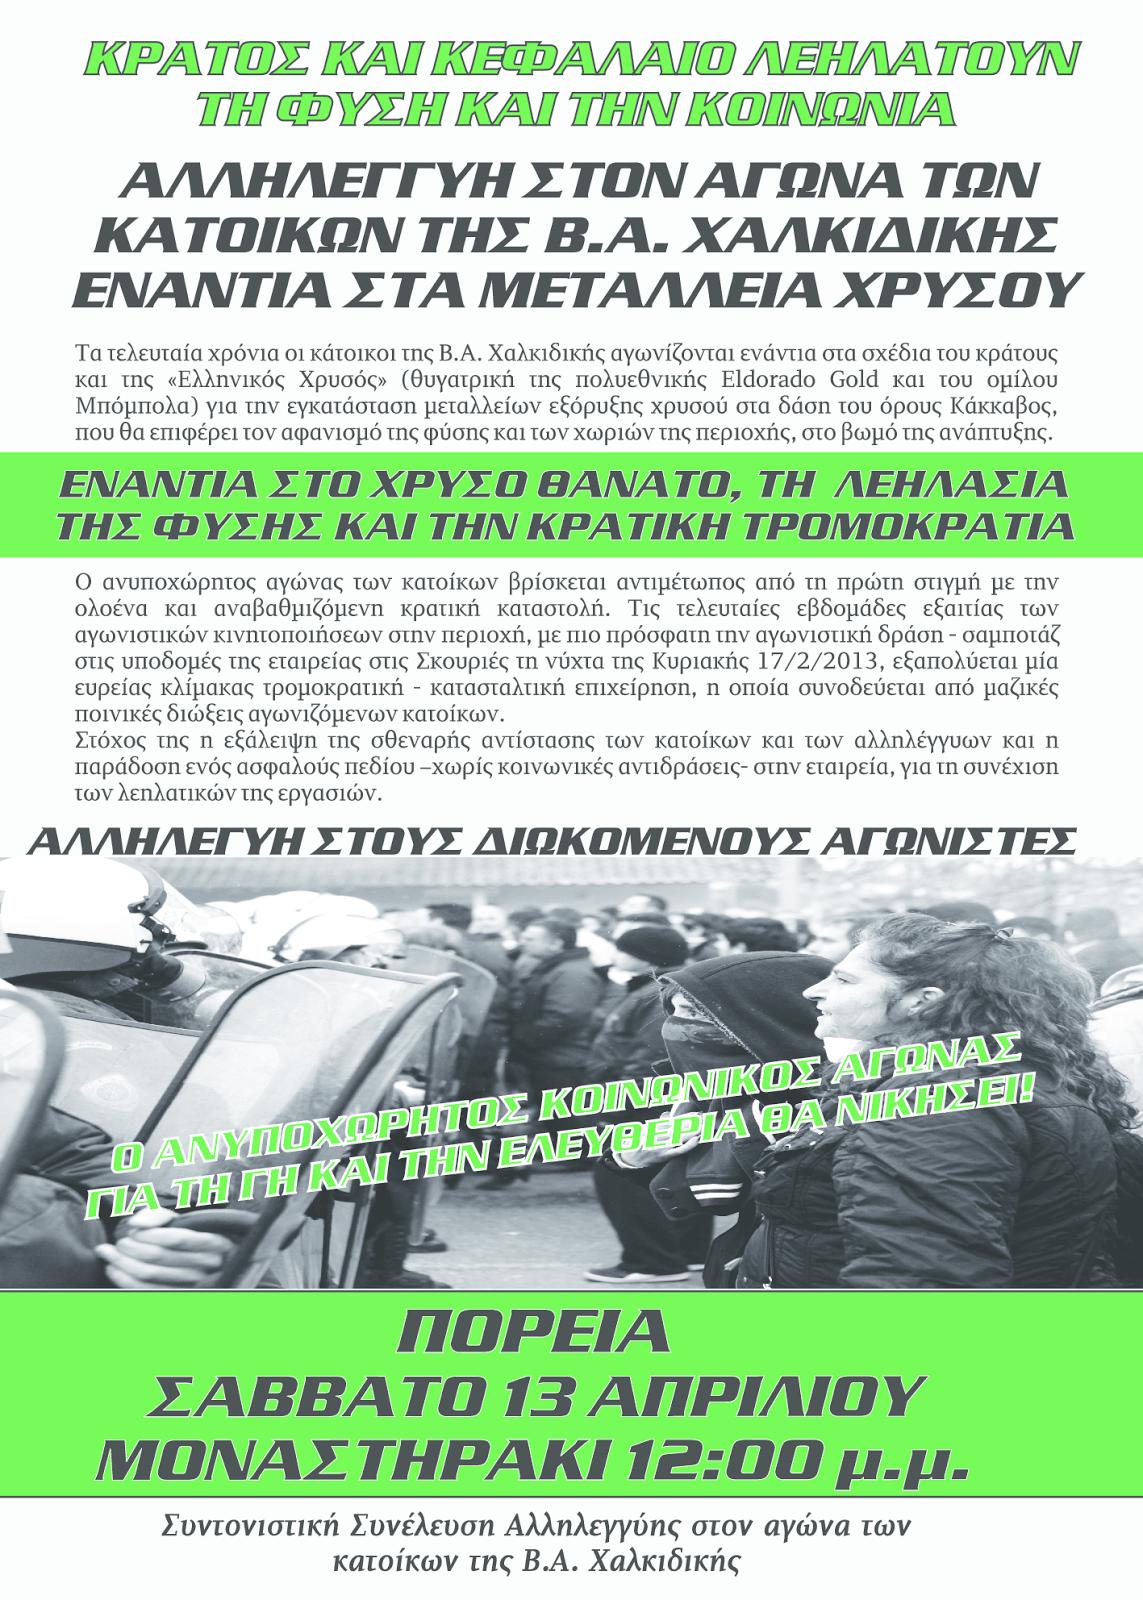 [Σαββατο 13/4, 12μμ, Μοναστηρακι]: Πορεια αλληλεγγυης στους κατοικους ΒΑ Χαλκιδικης